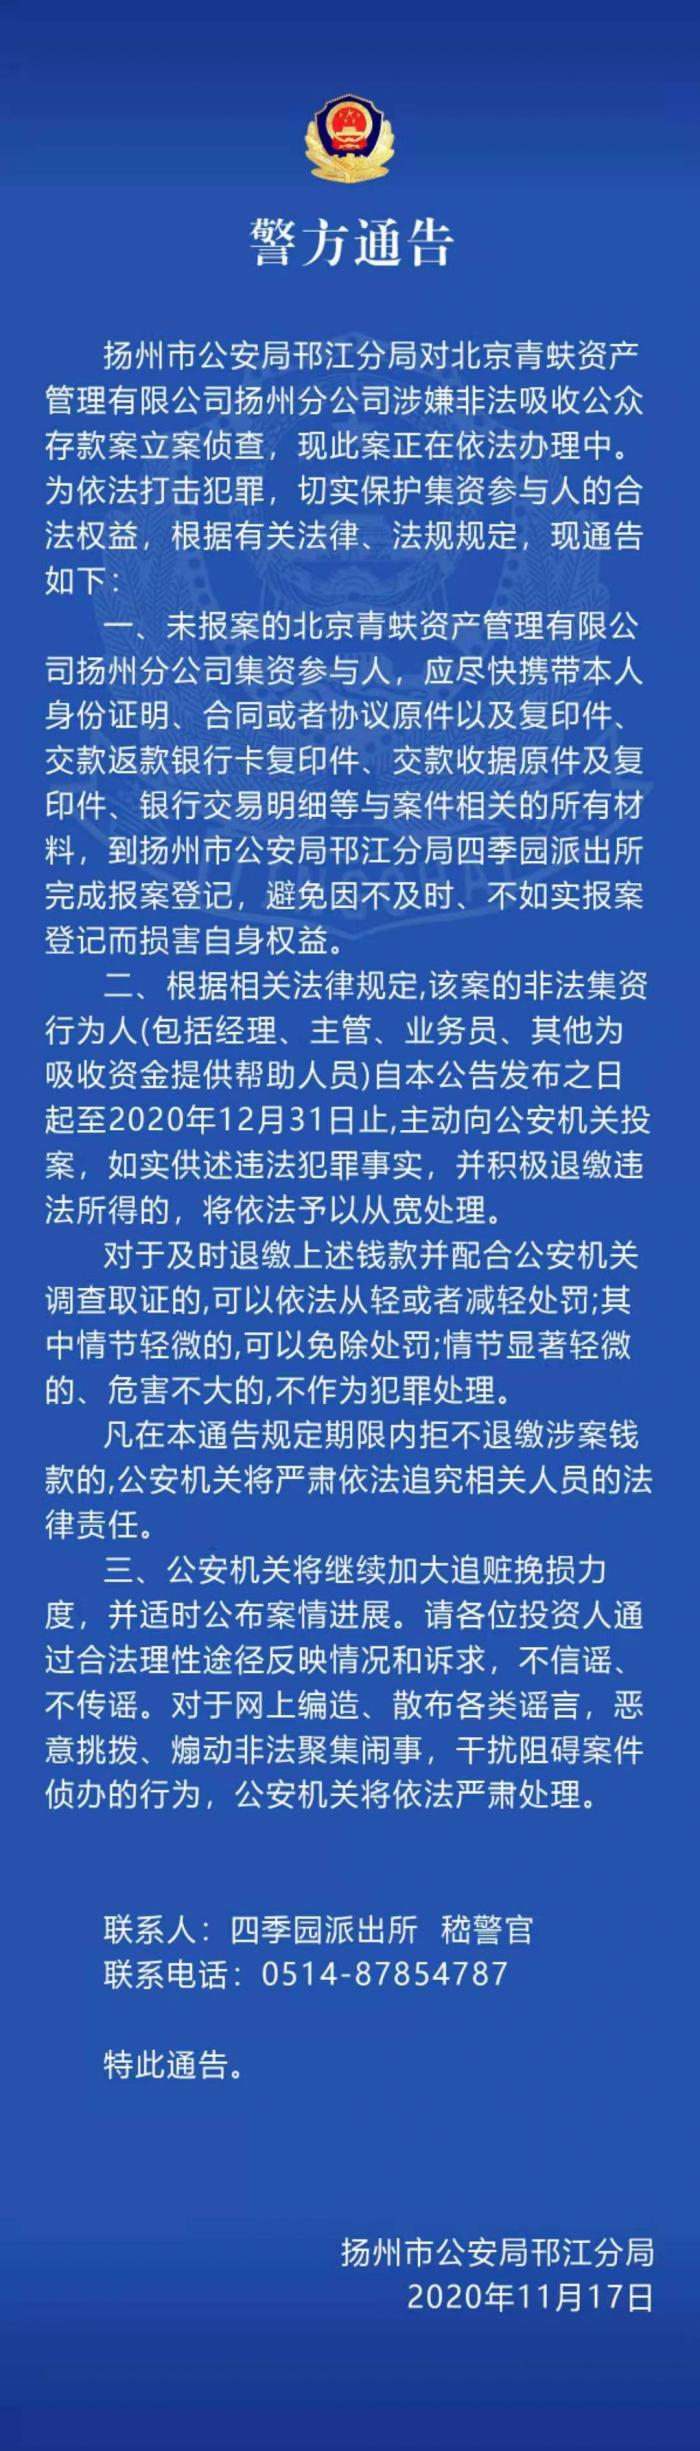 江苏福信公司、北京青蚨资产管理扬州分公司涉非法集资被查